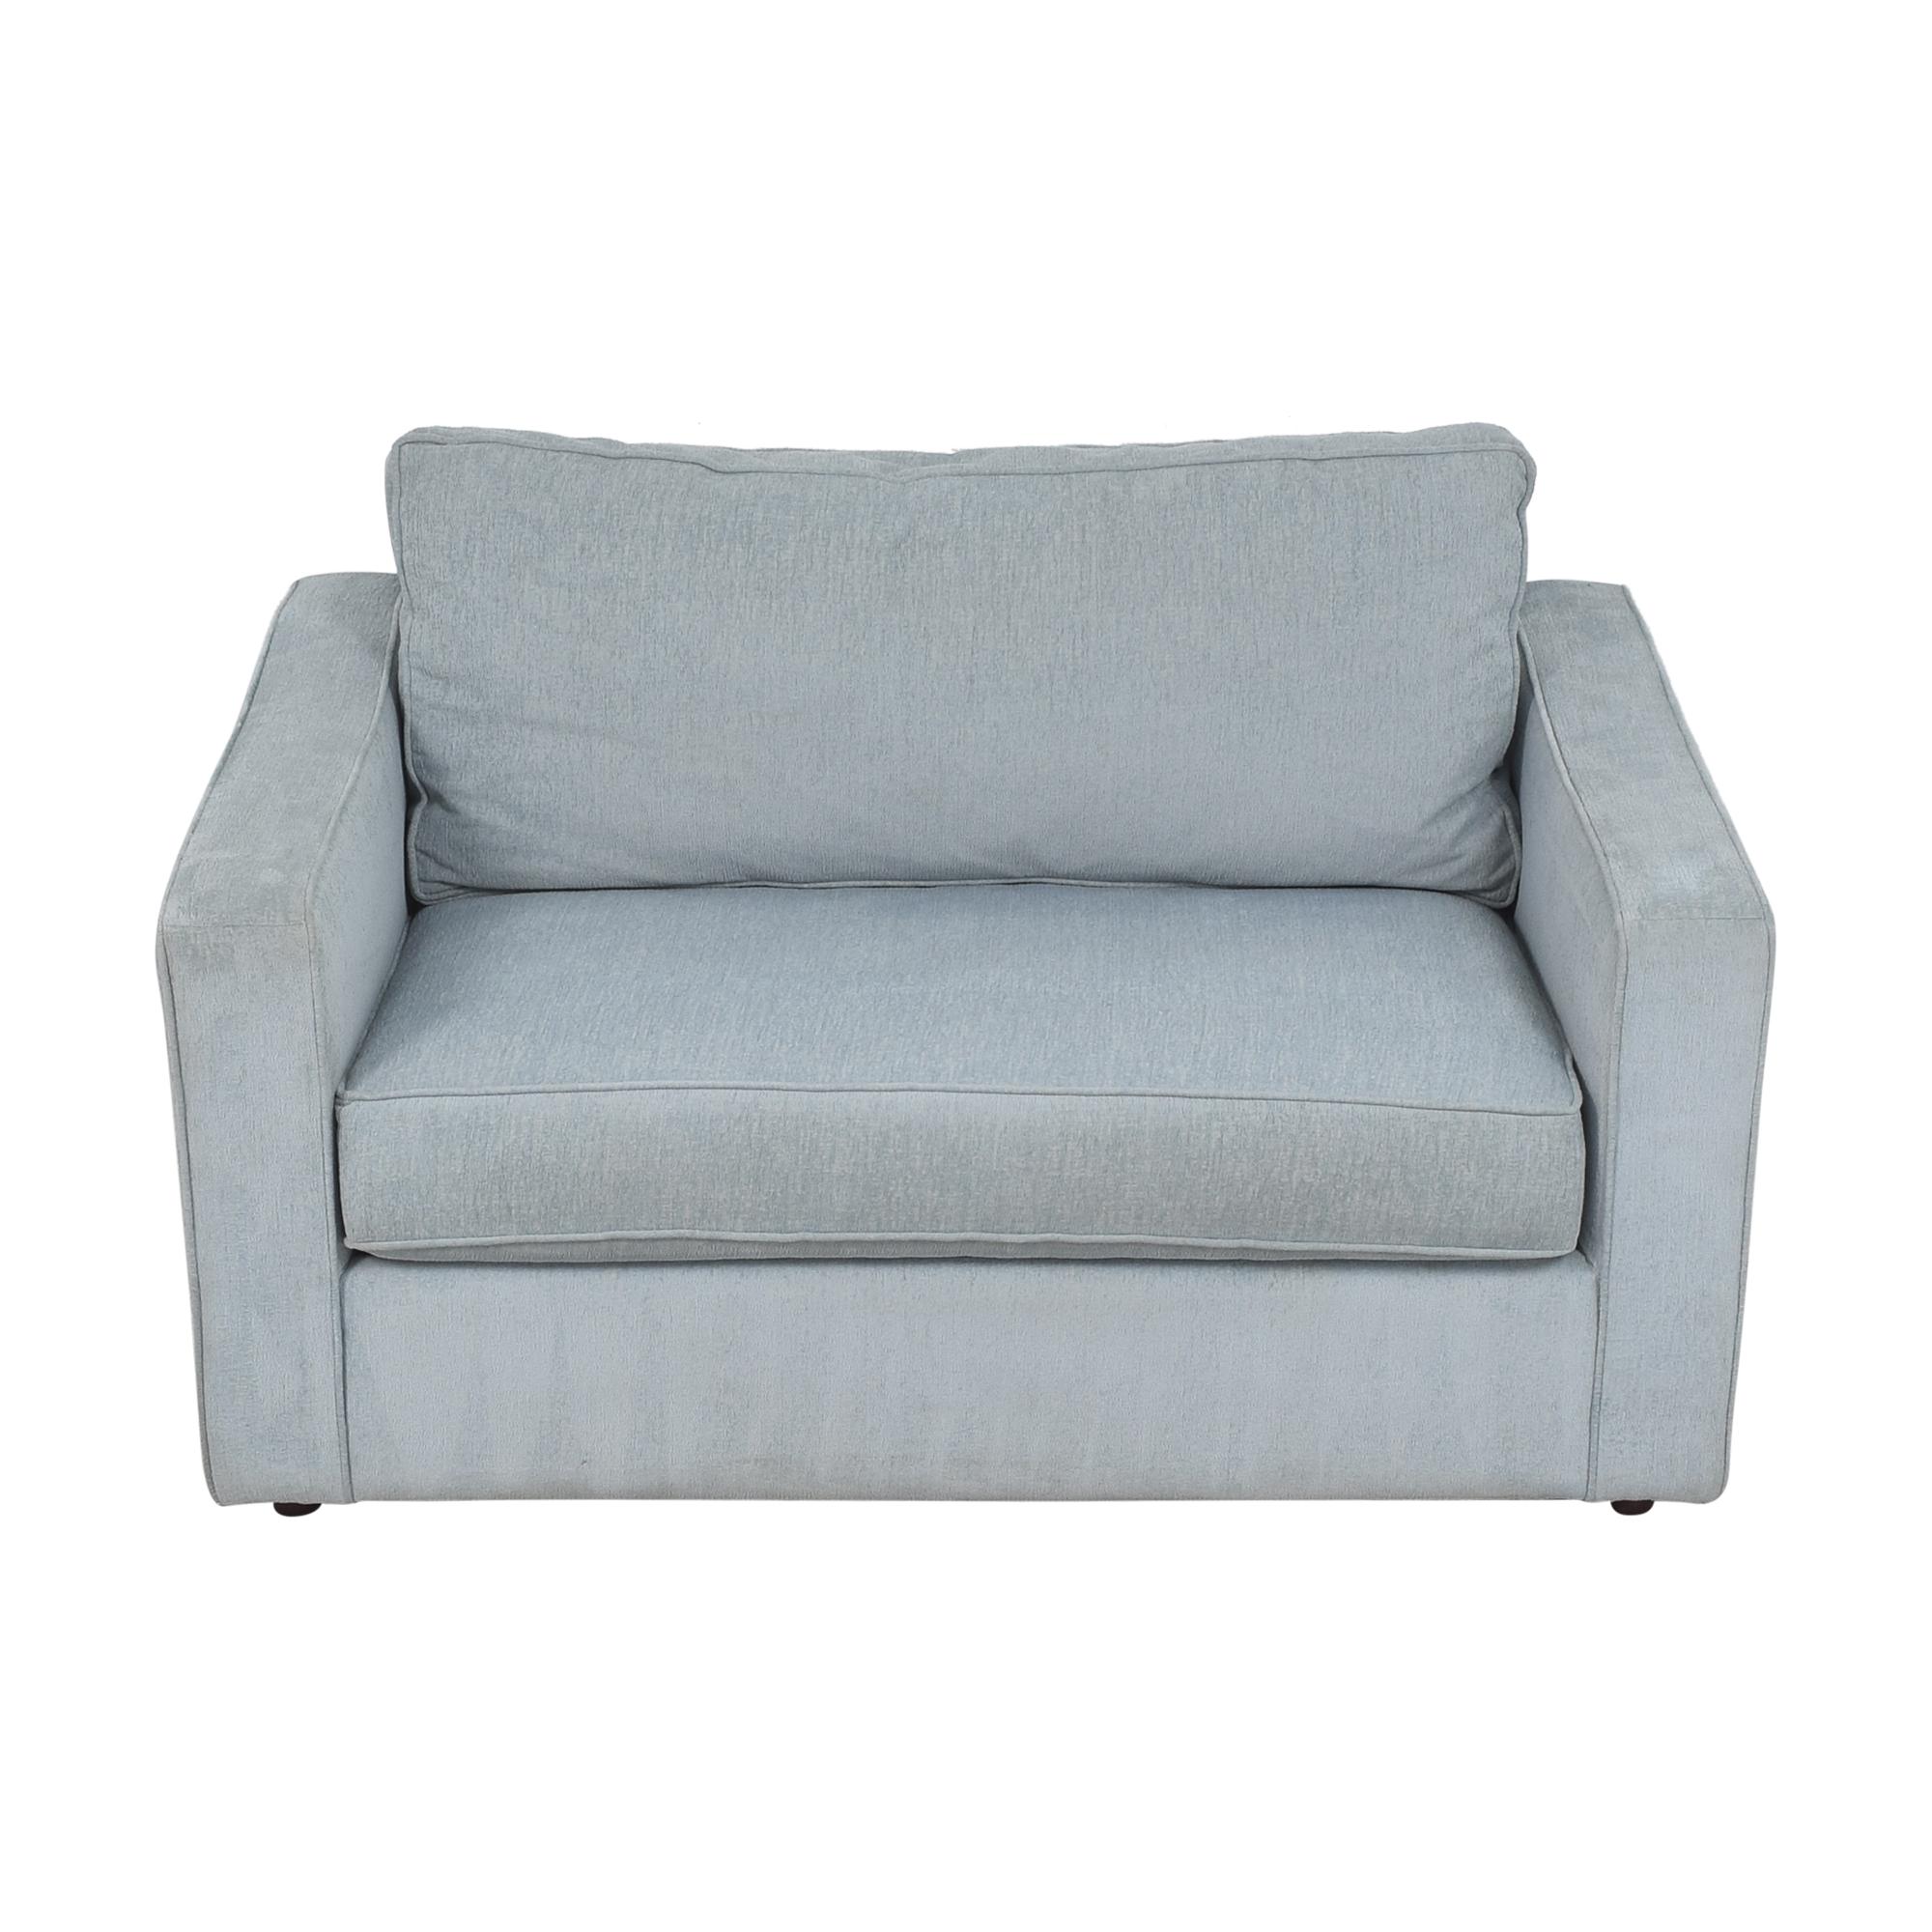 Arhaus Arhaus Filmore Twin Sleeper Chair nyc